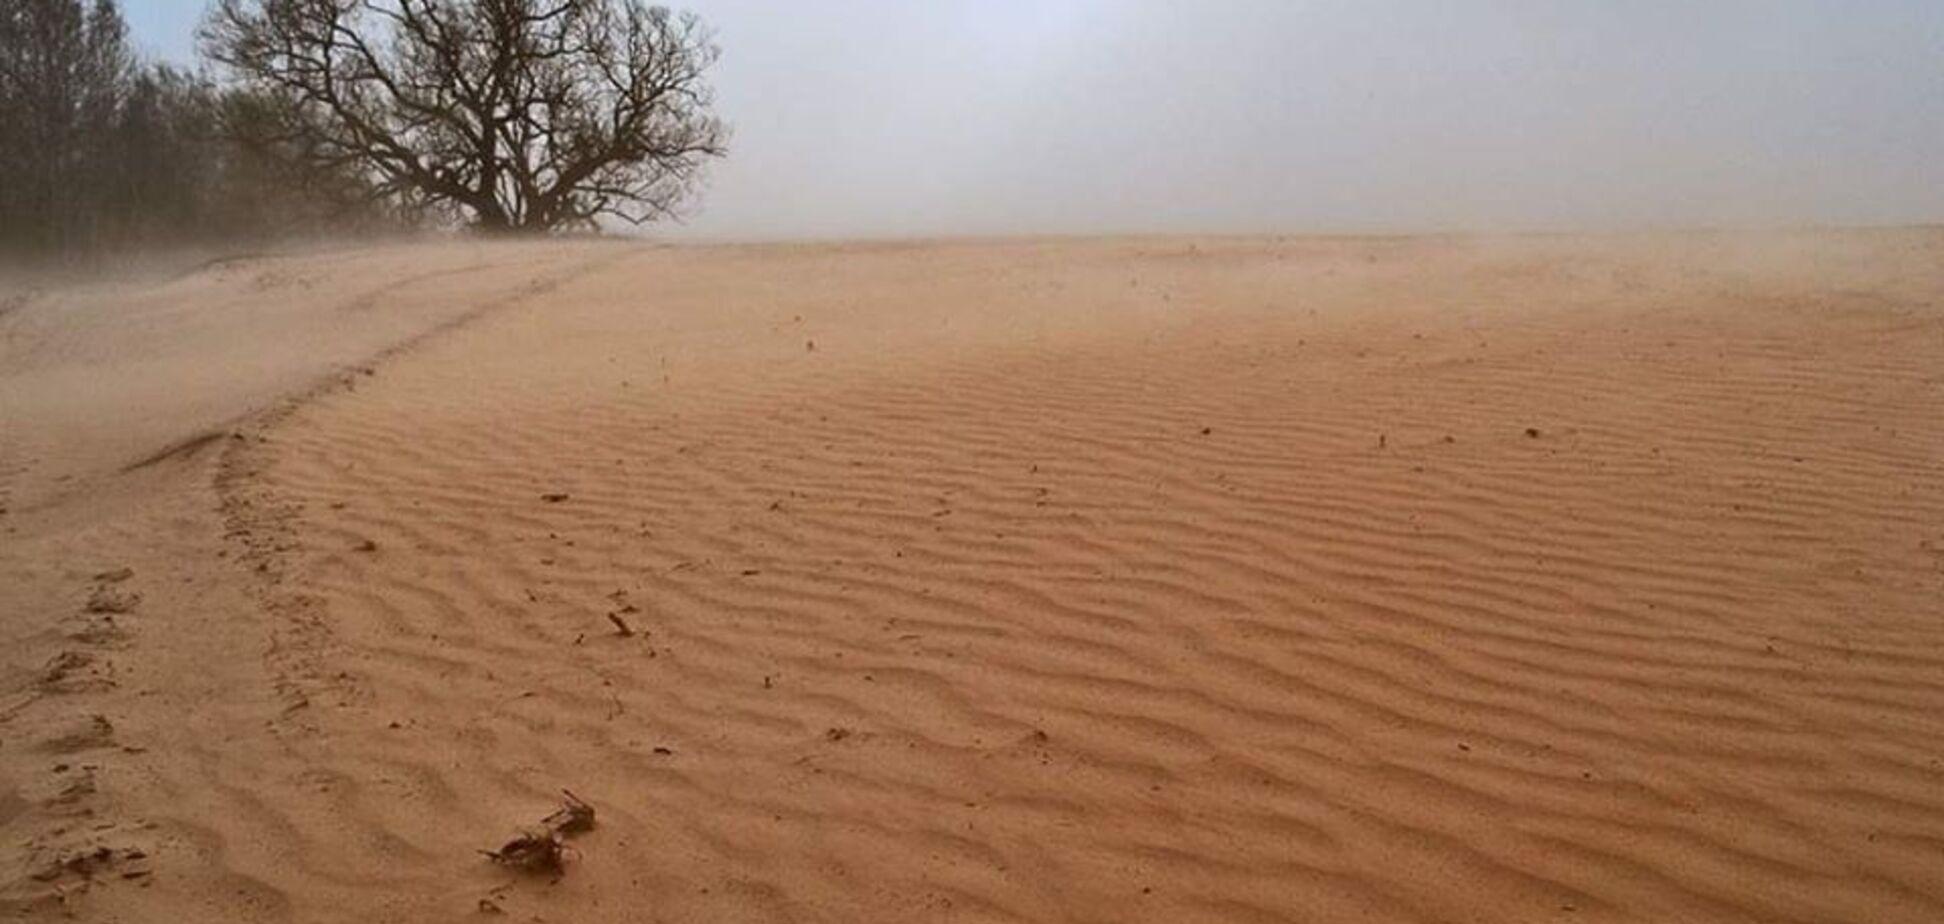 Пилові бурі перетворюють поля України на пустелю: синоптик пояснив, хто винен